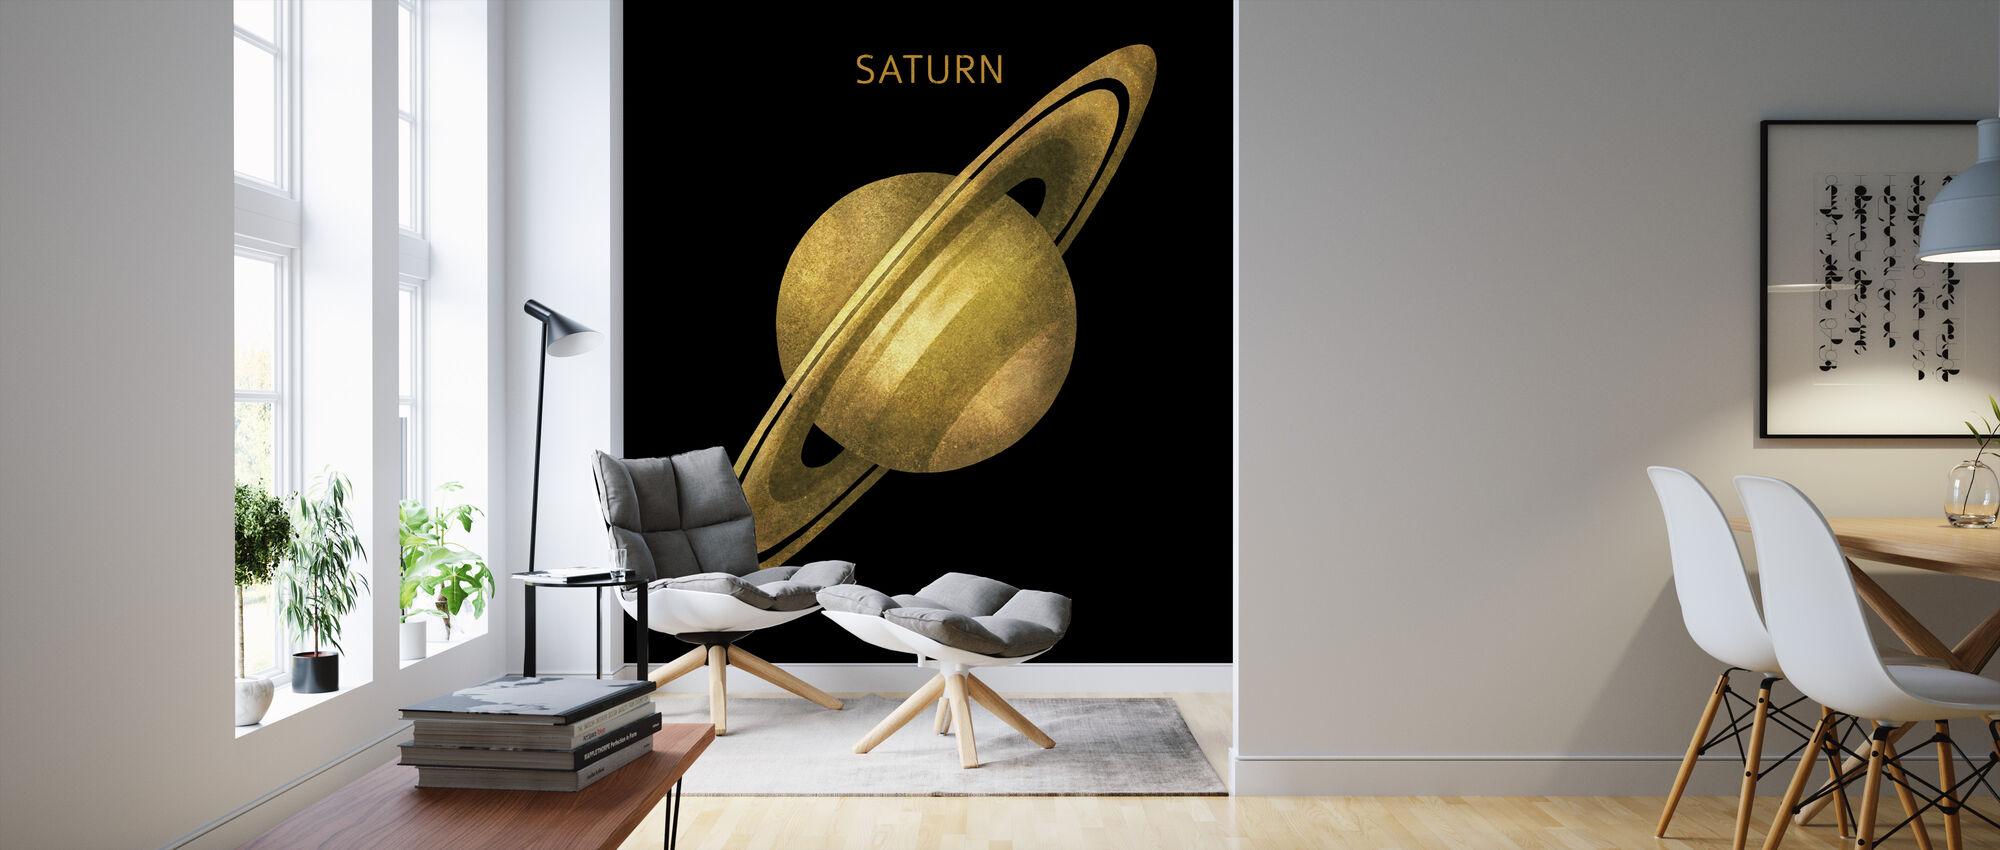 Solar System - Saturn - Wallpaper - Living Room